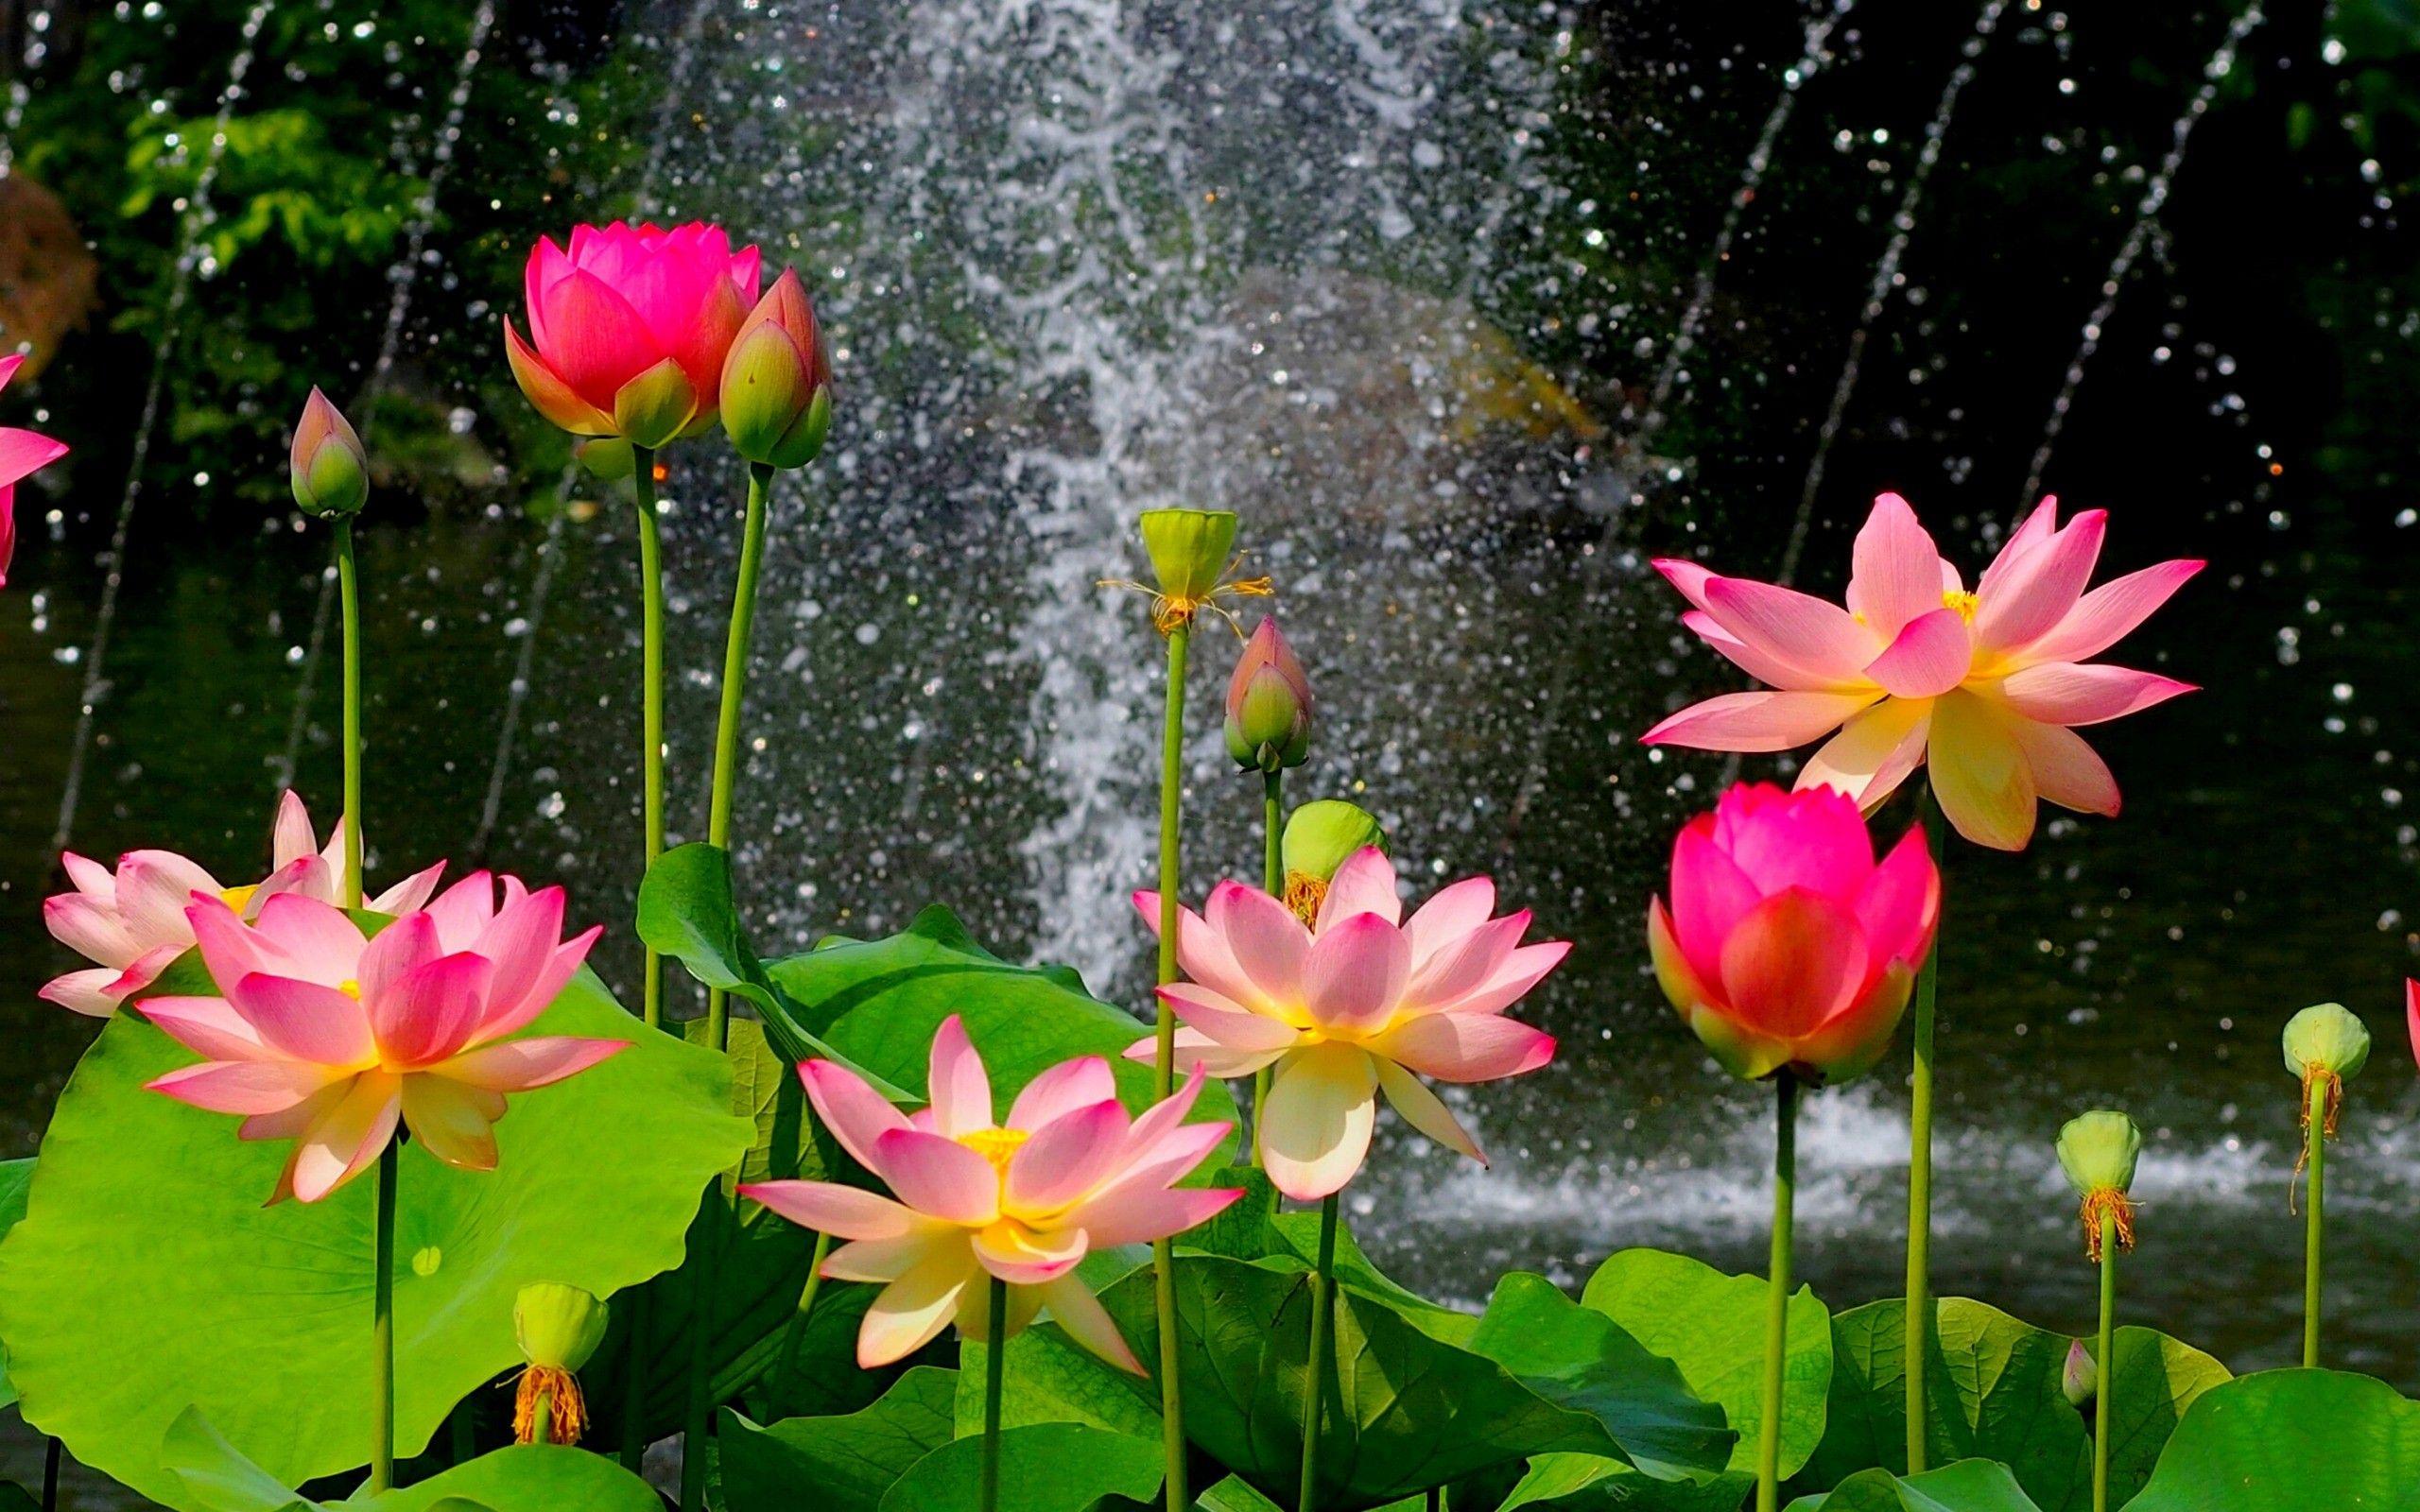 Garden Flowers Wallpaper paisajes de flores | flores en parque - 2560x1600 | ruth fotos